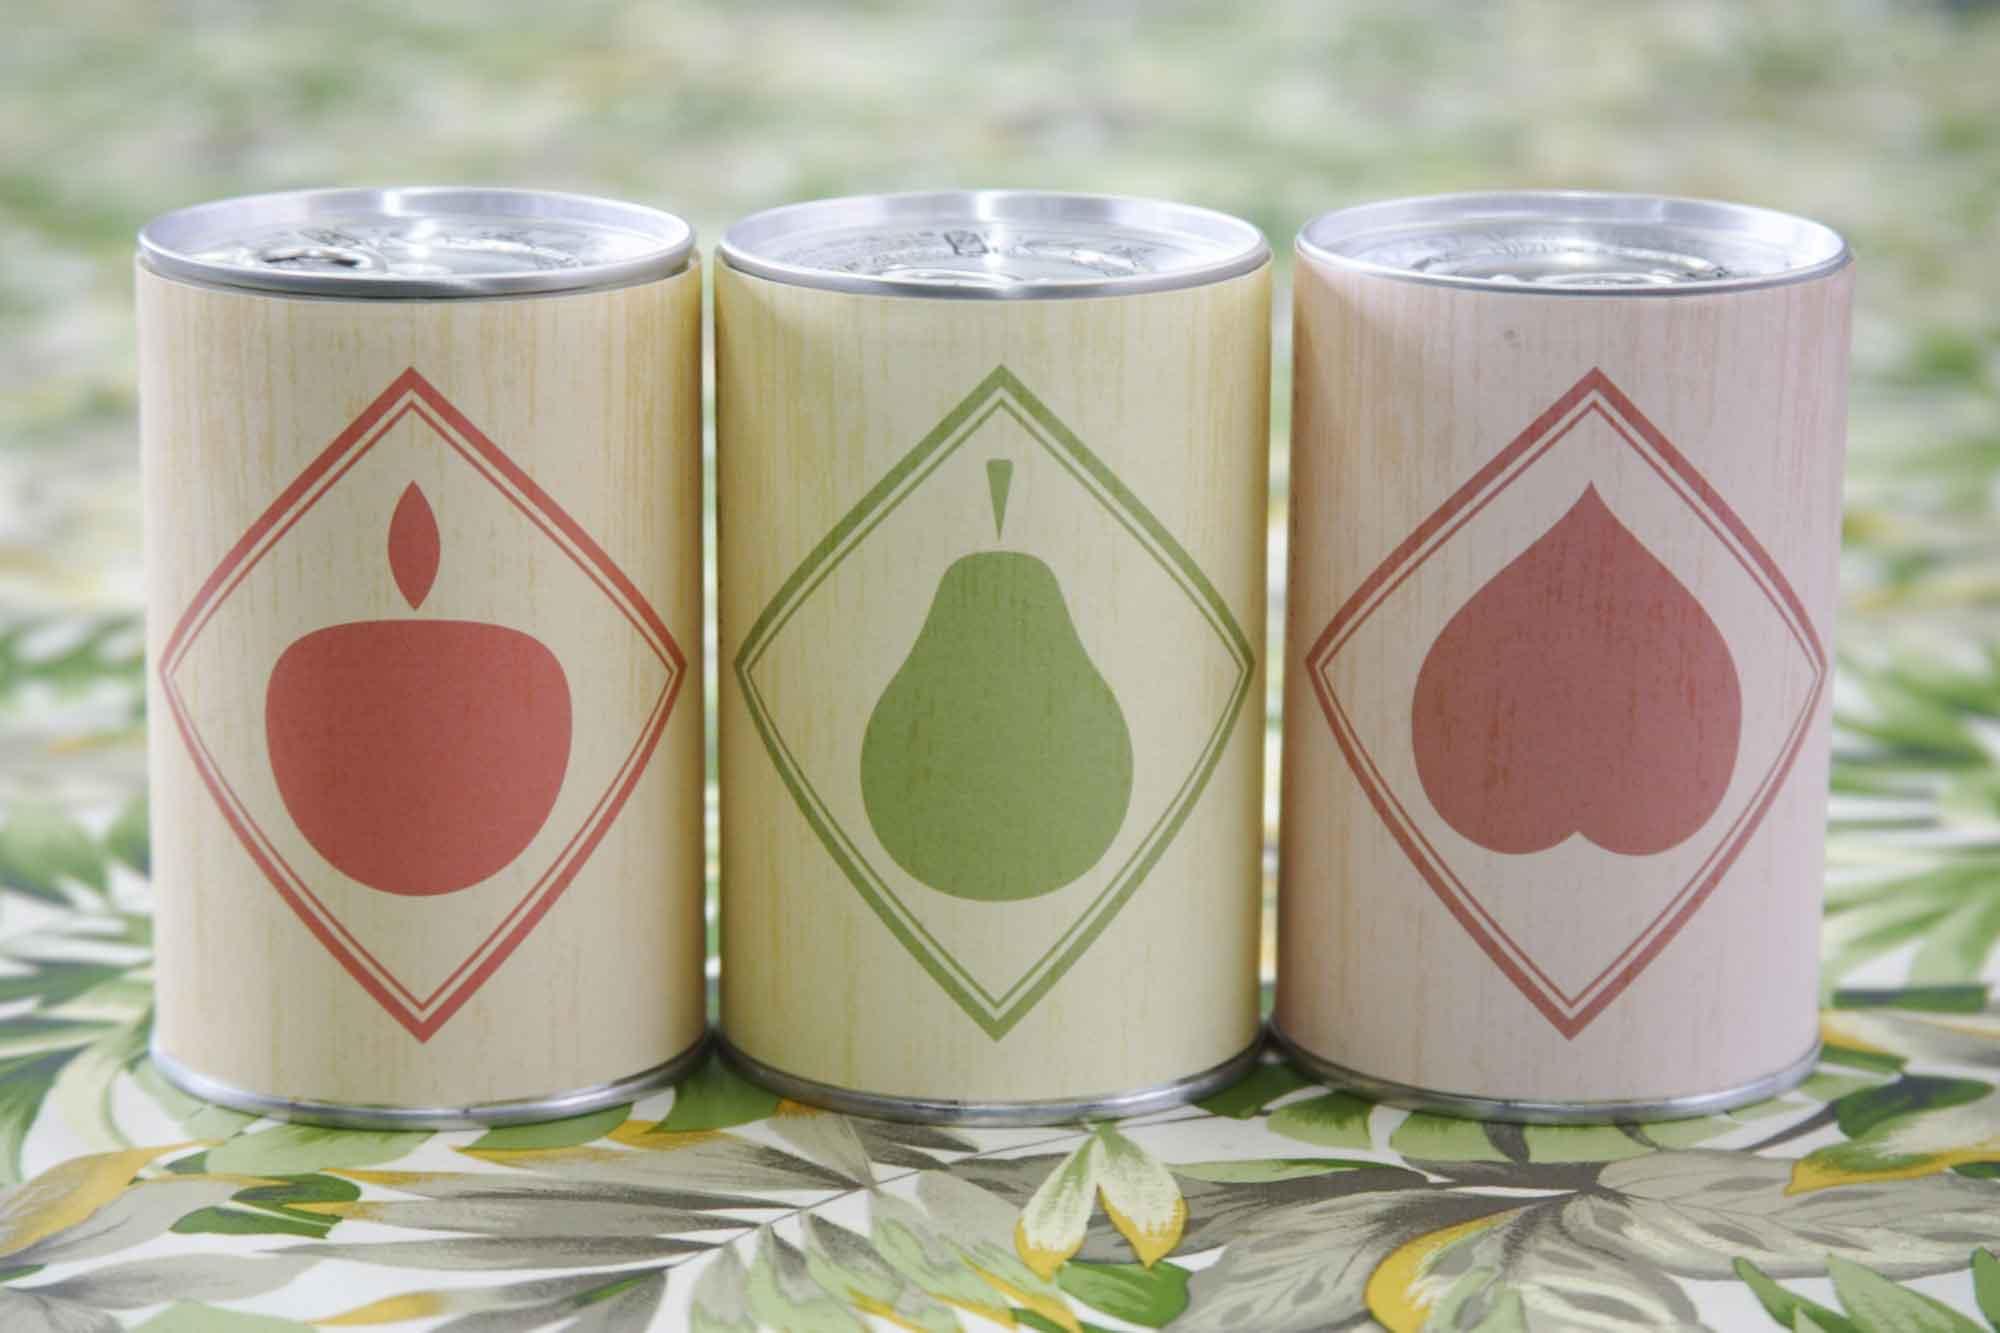 山形県アンテナショップおいしい山形 つくり手を訪ねて|宮澤食品株式会社:東北芸術工科大学生デザインのパッケージ。缶詰の中身を表すような、果物のイラストだけのシンプルなデザイン。